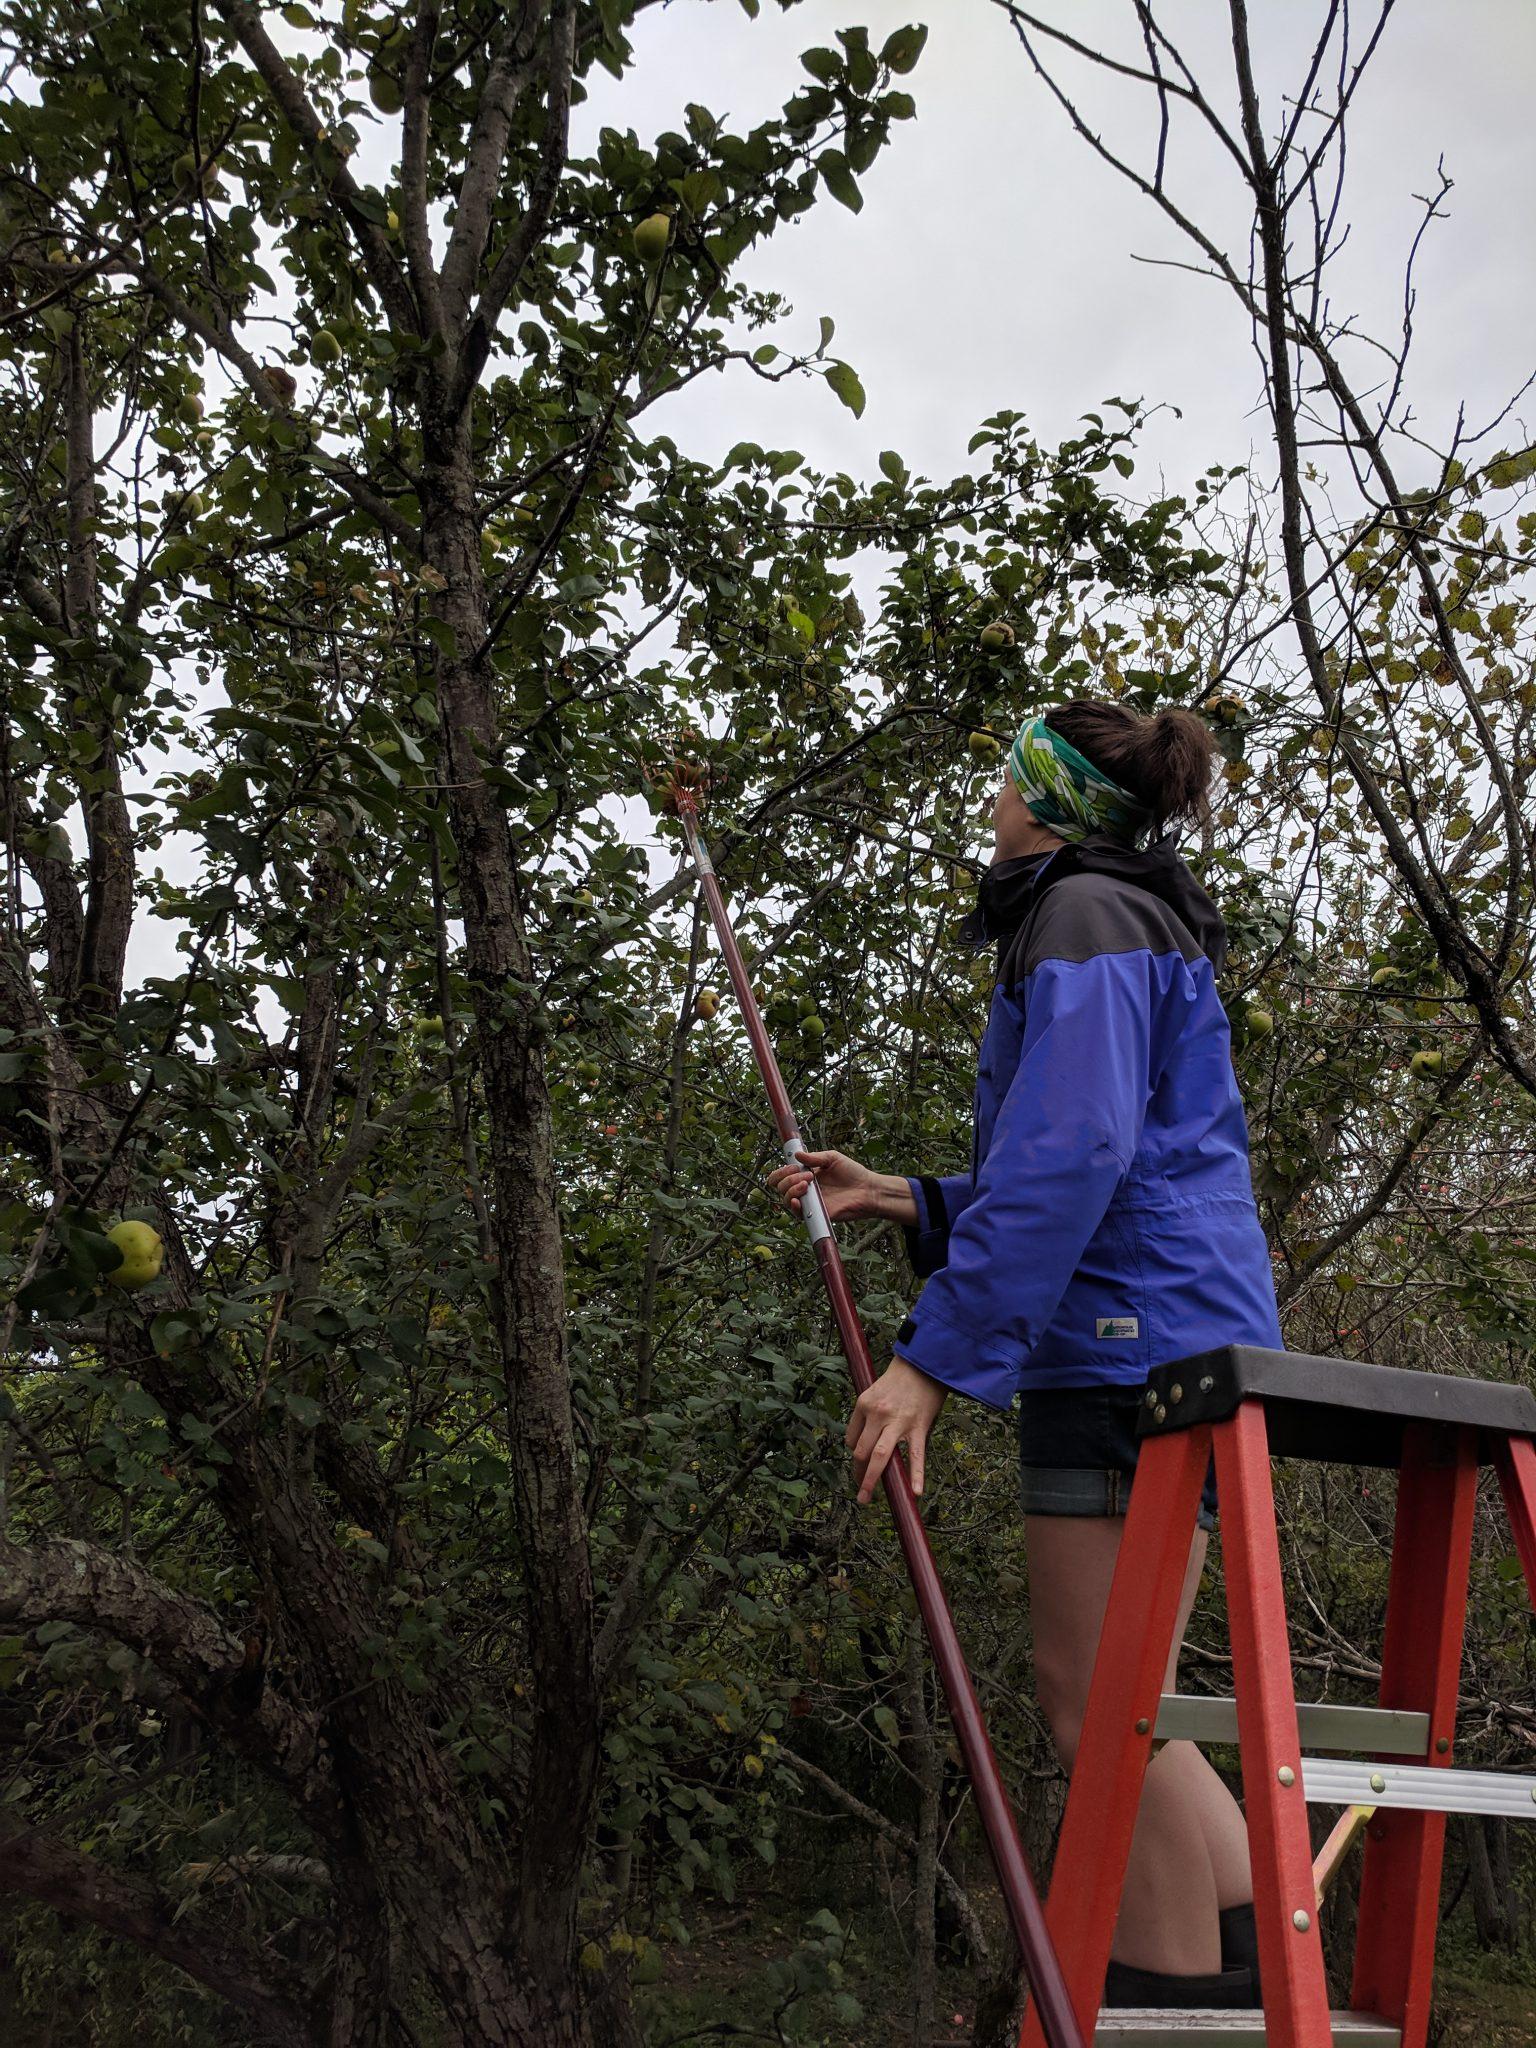 cider apple picking